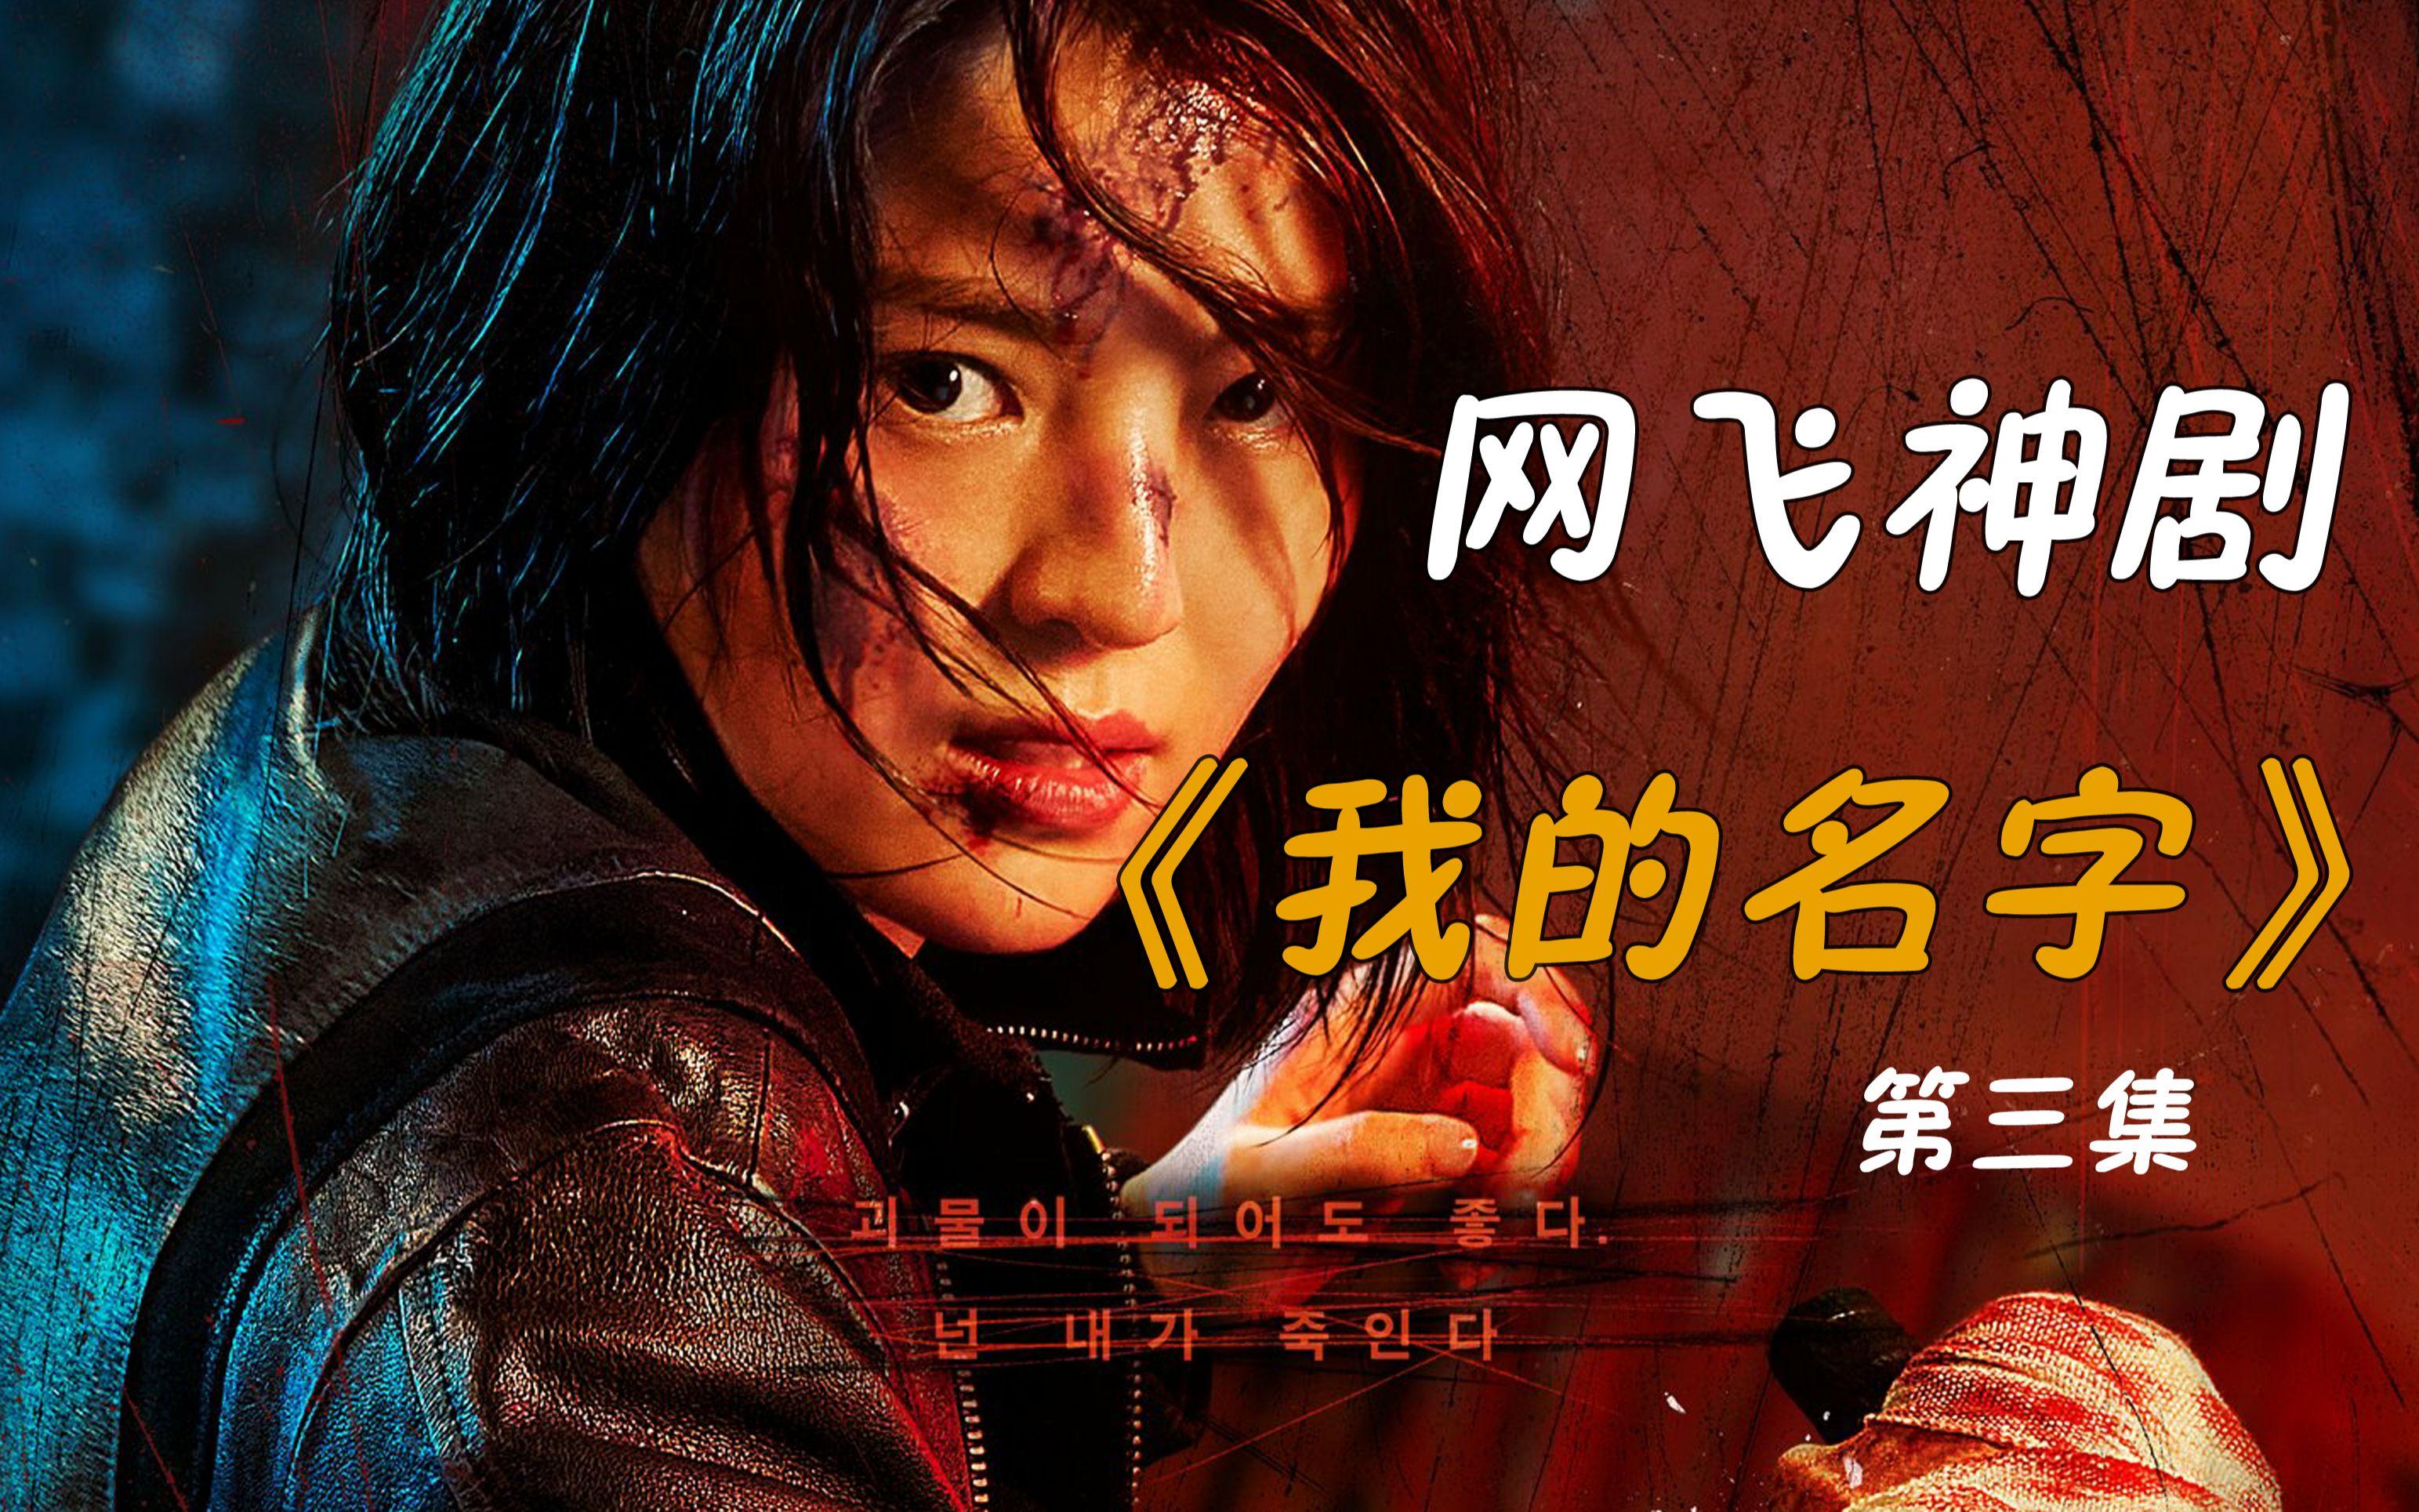 【韩剧】《我的名字》第三集:崔武镇车组长上演无间道,都江才血洗训练营